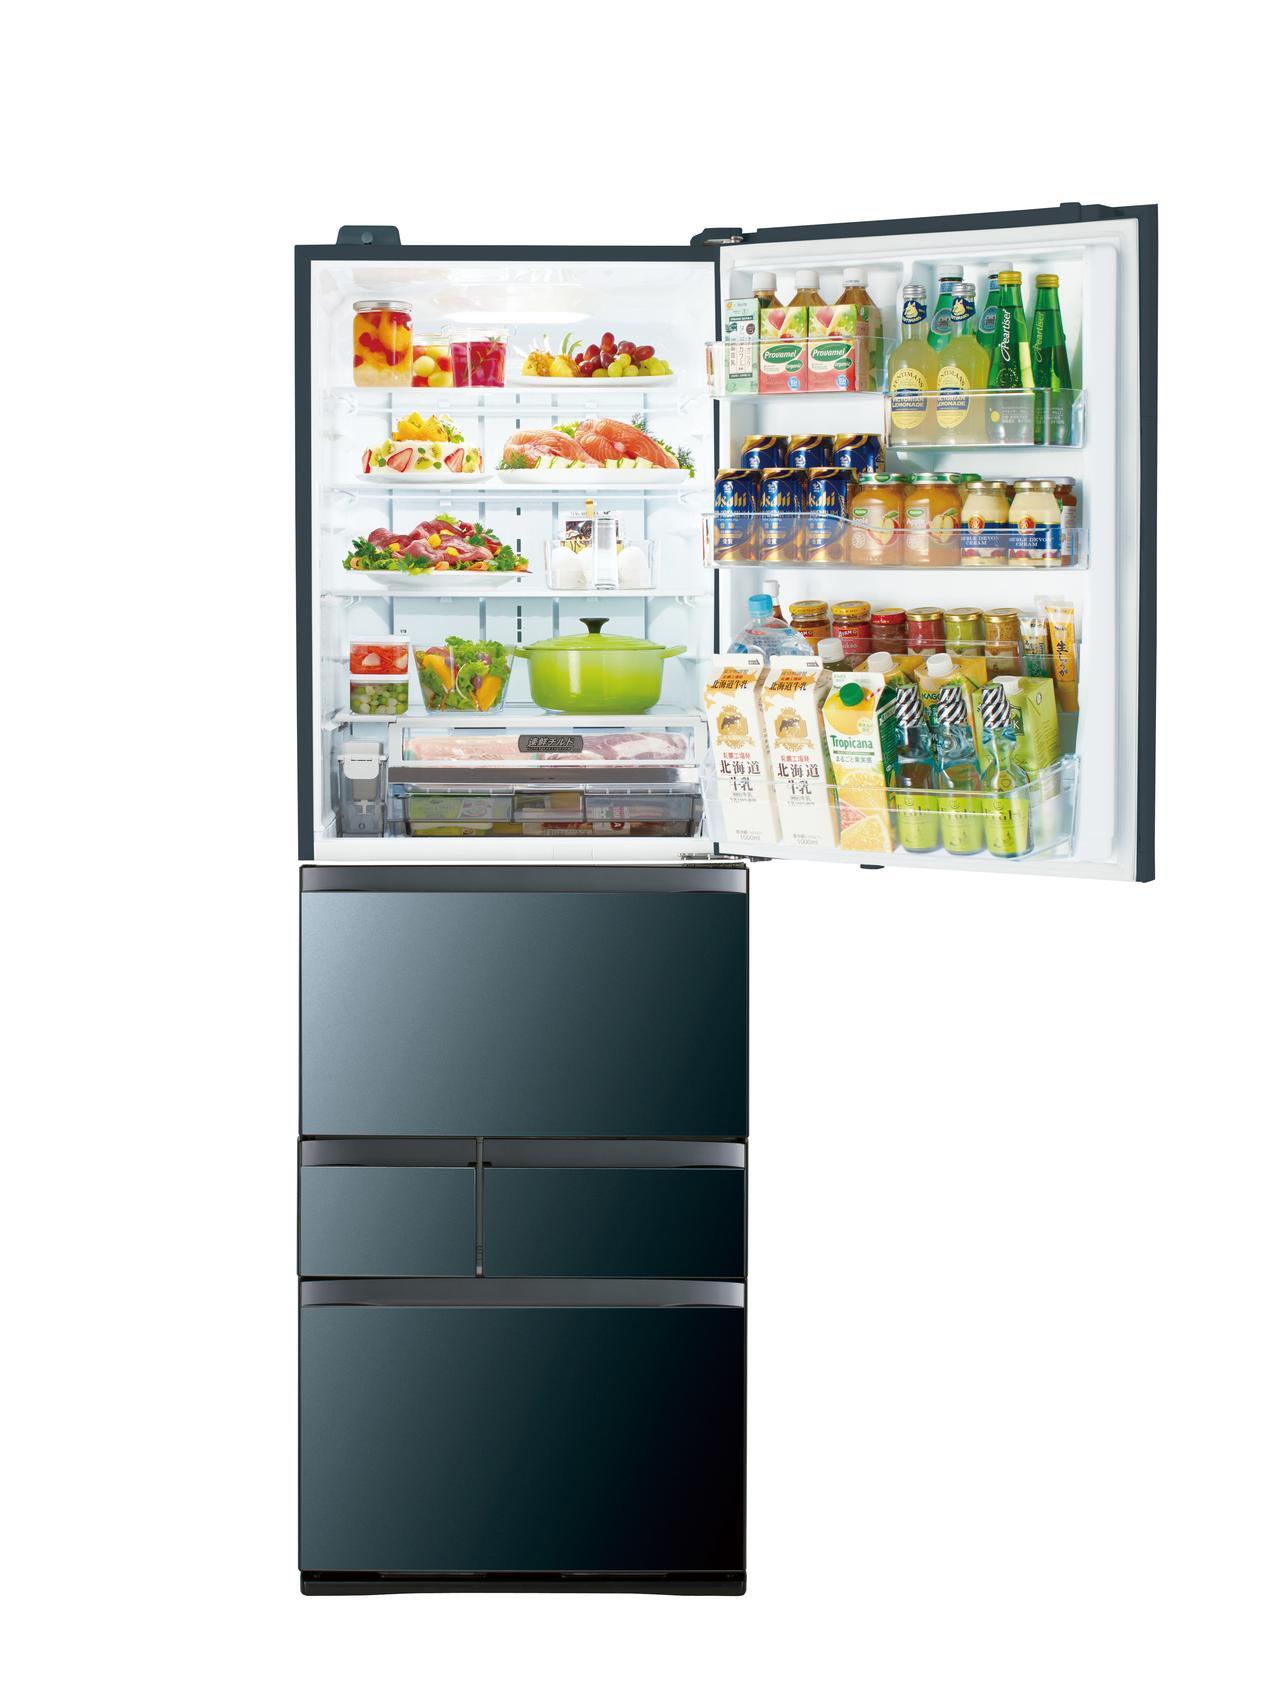 画像1: 幅60センチで501リットルの大容量を実現したスリムな冷蔵庫